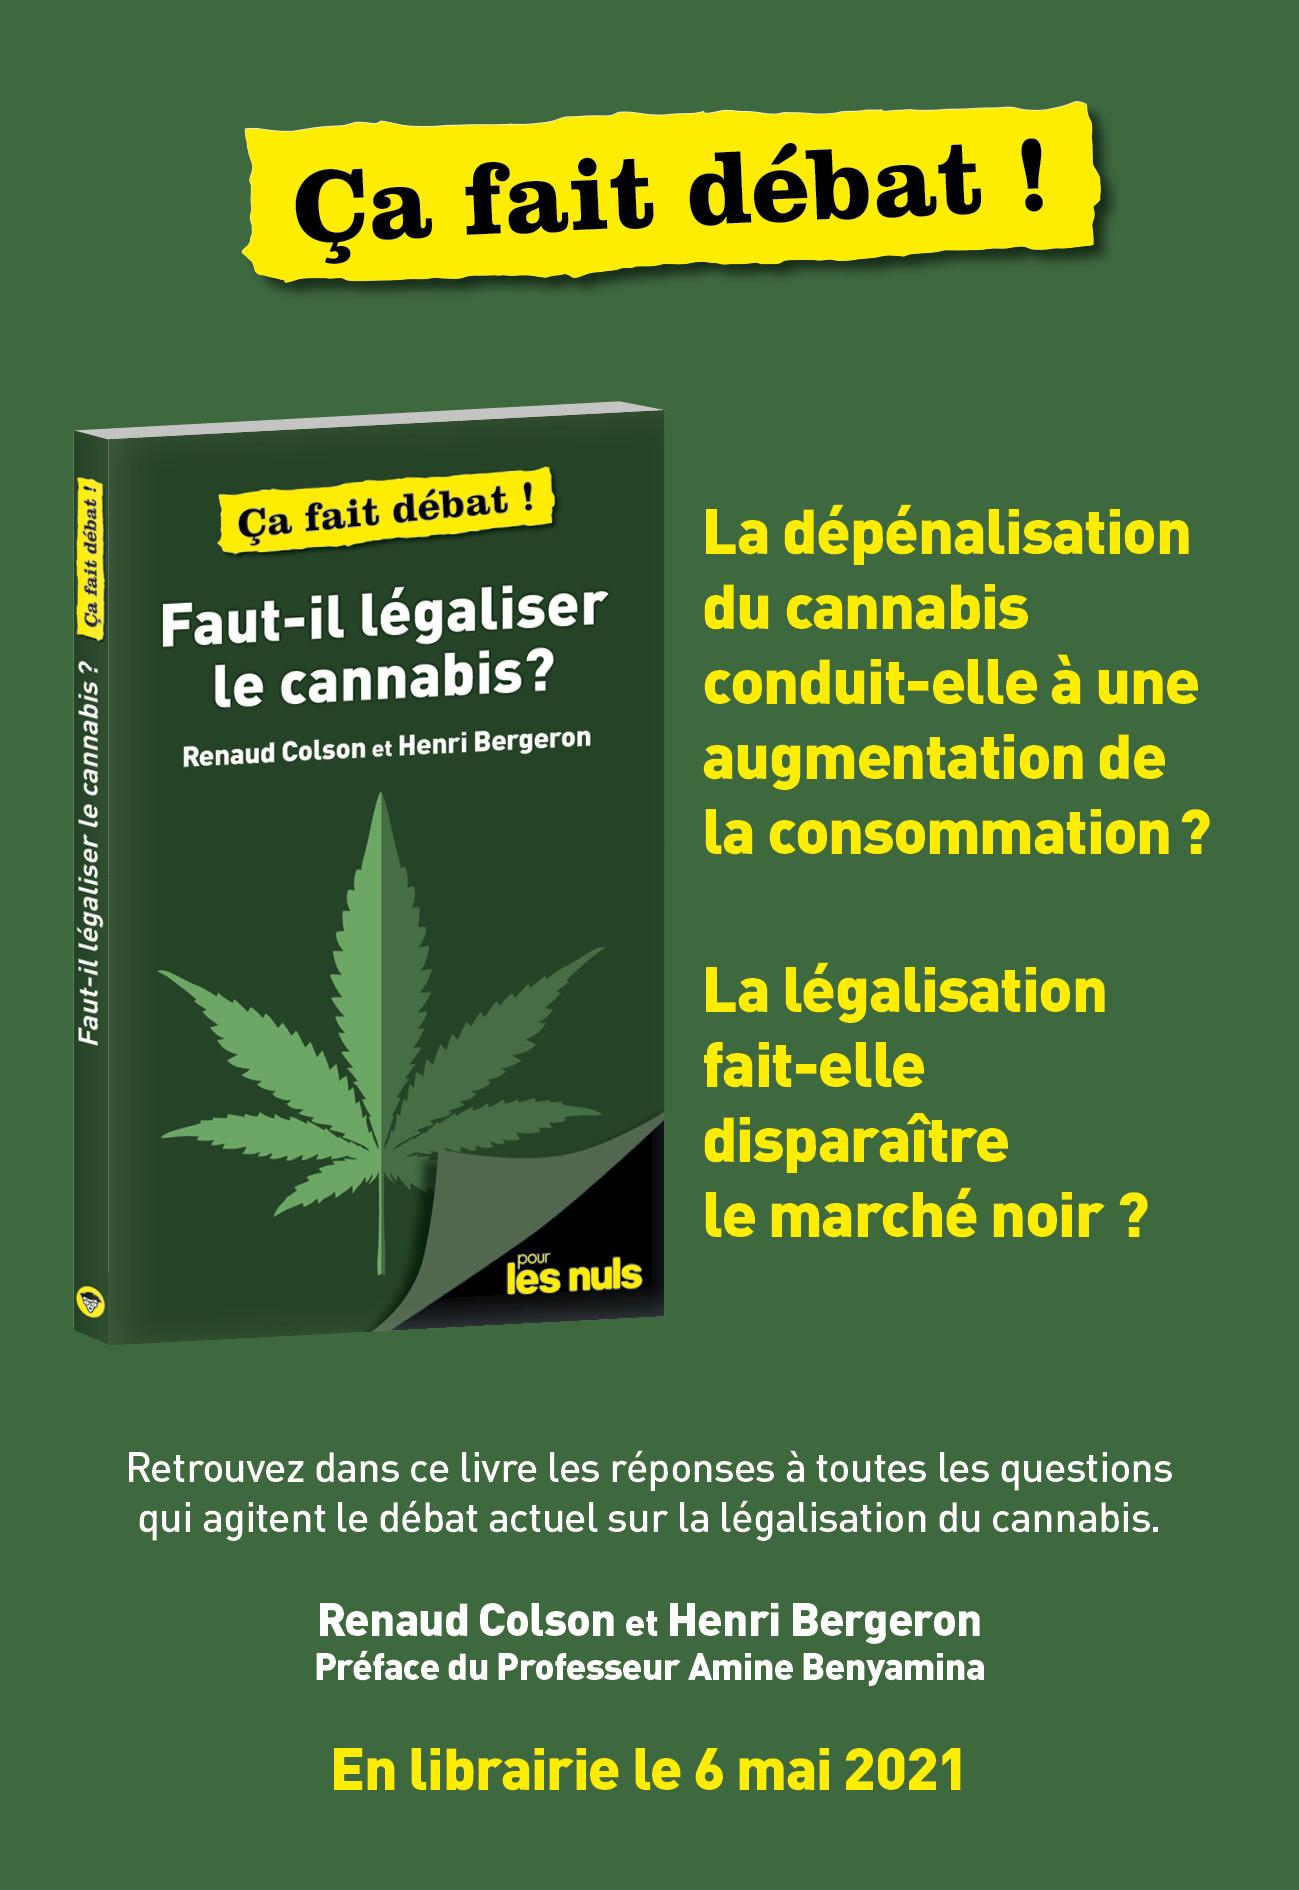 Faut-il légaliser le cannabis